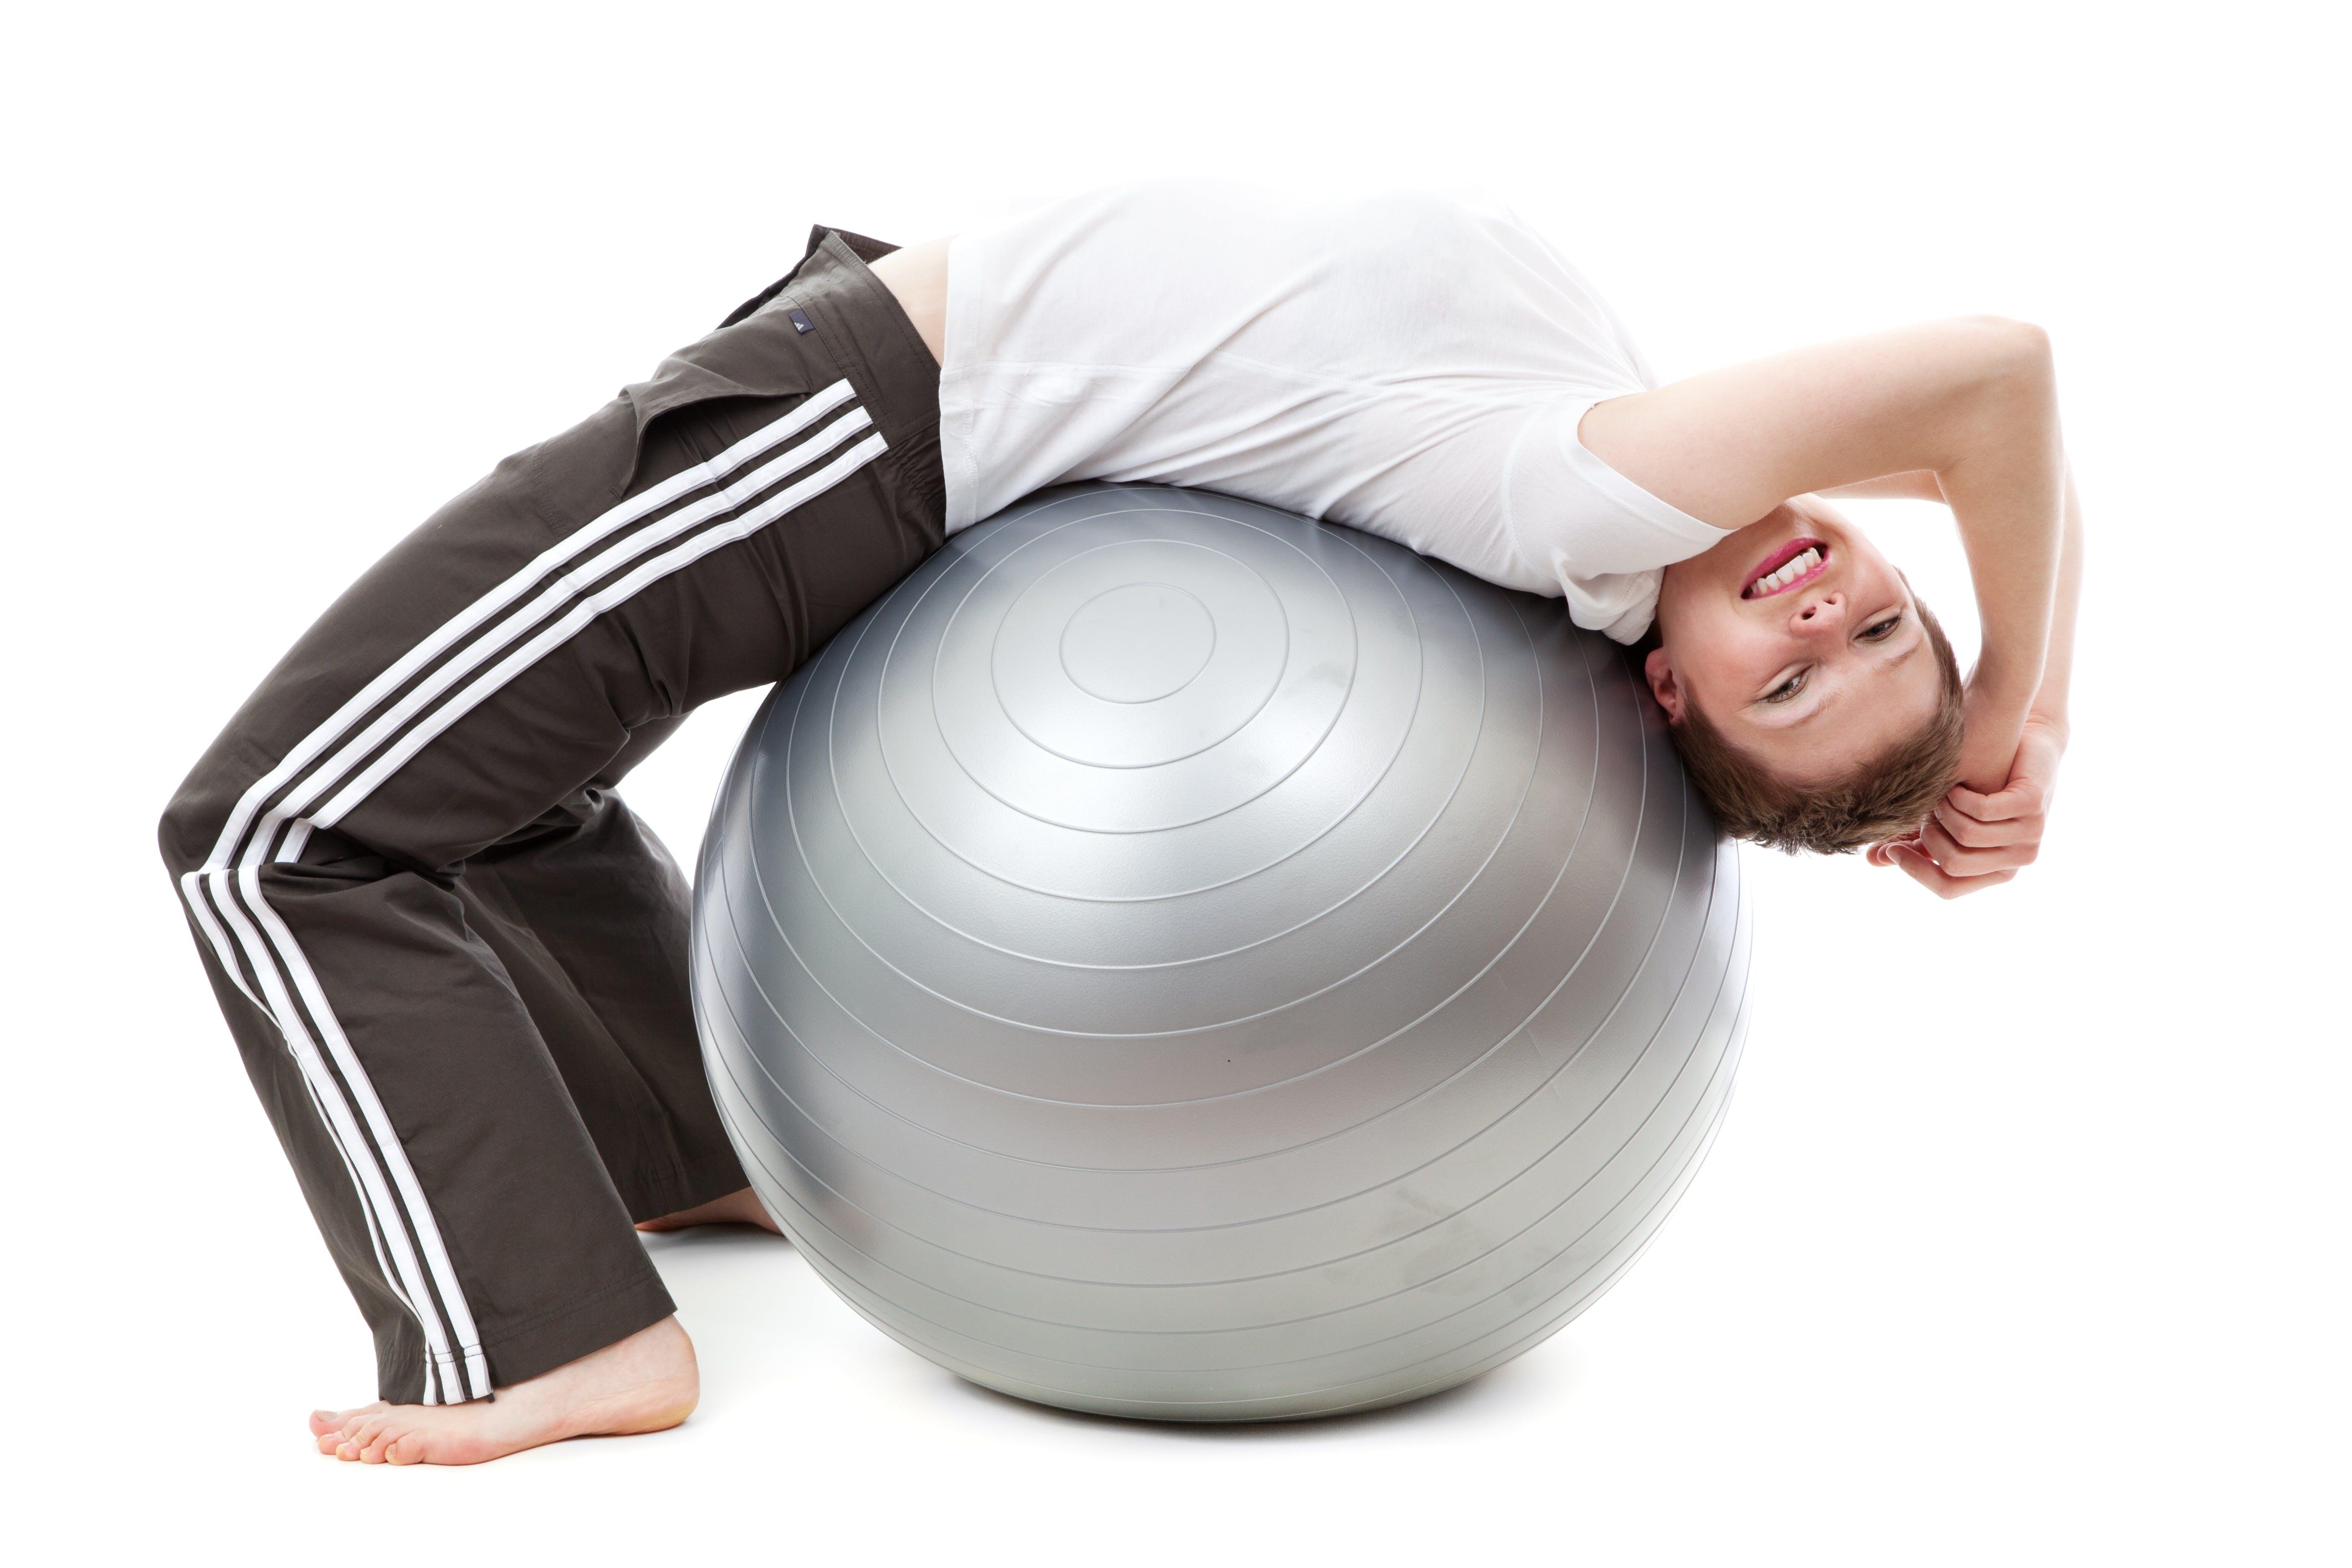 Fotos de stock gratuitas de fitnes, meditación, mujer, pelota de ejercicio